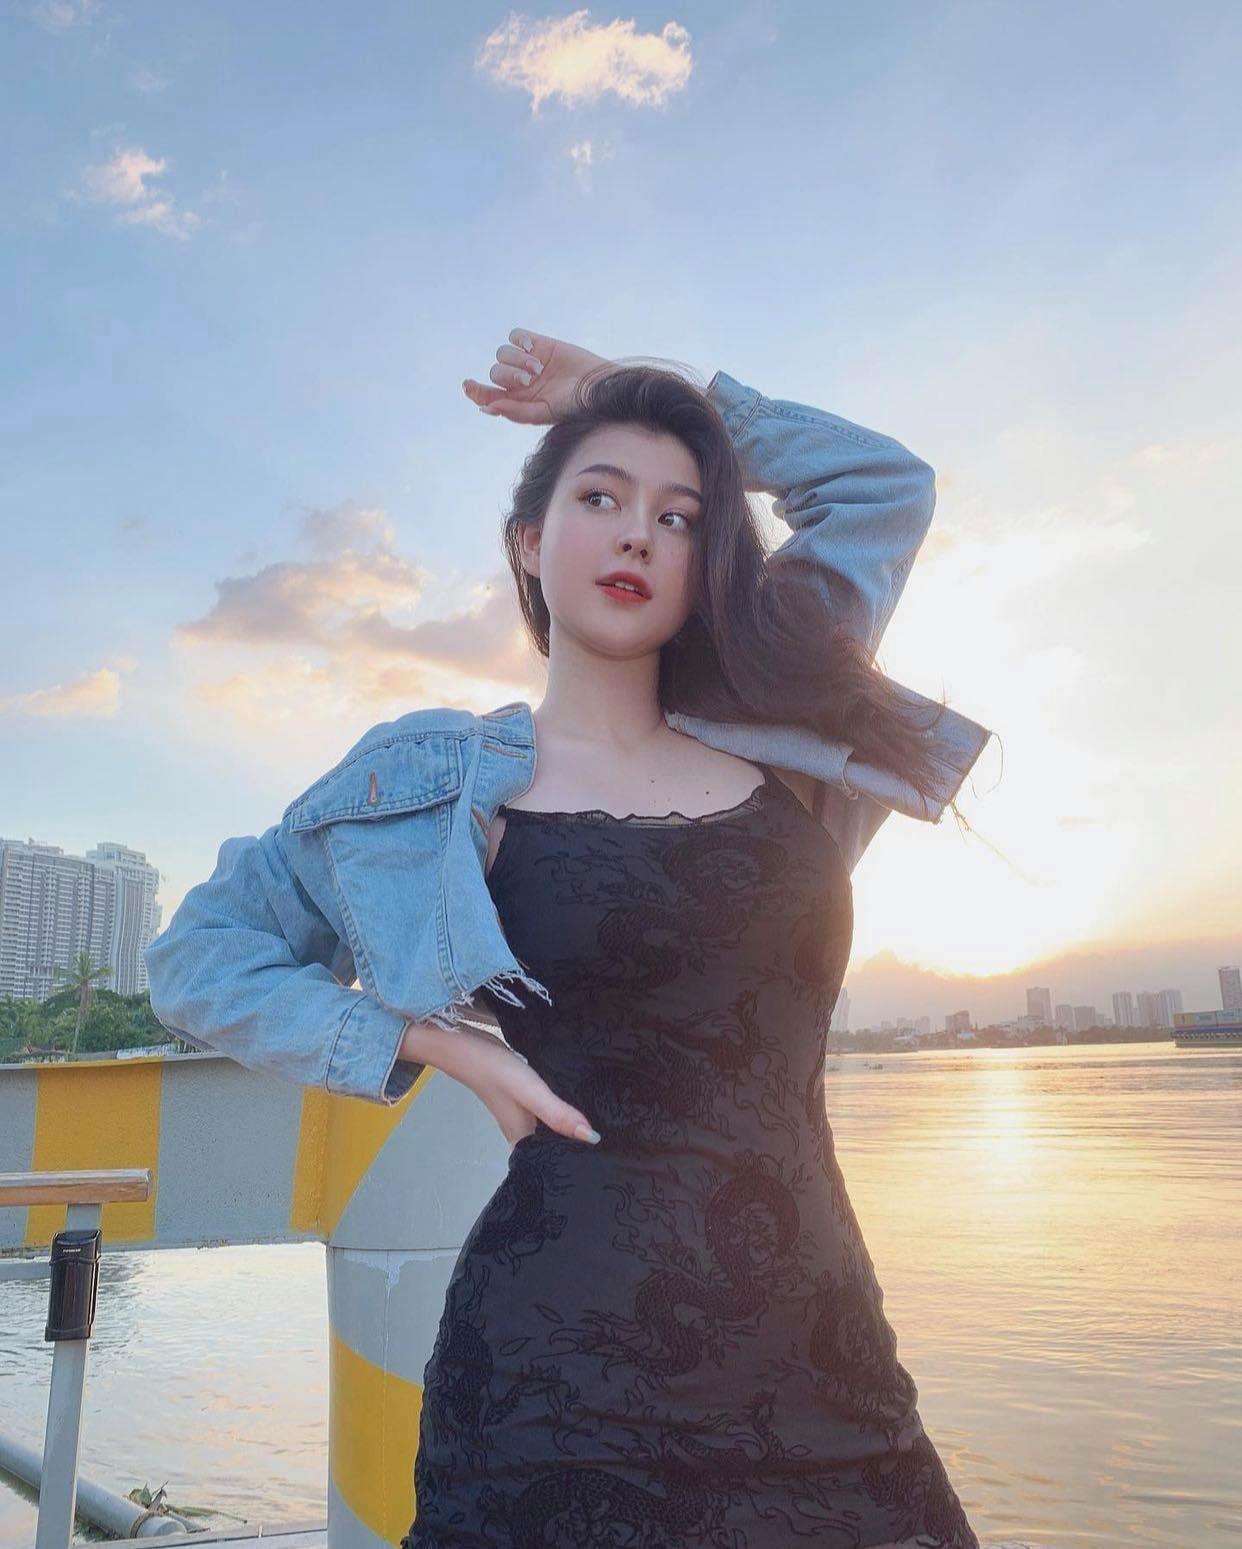 Nữ sinh lai Việt-Mỹ hot nhất Sài thành chuộng váy áo táo bạo tôn nét đẹp phồn thực - hình ảnh 7